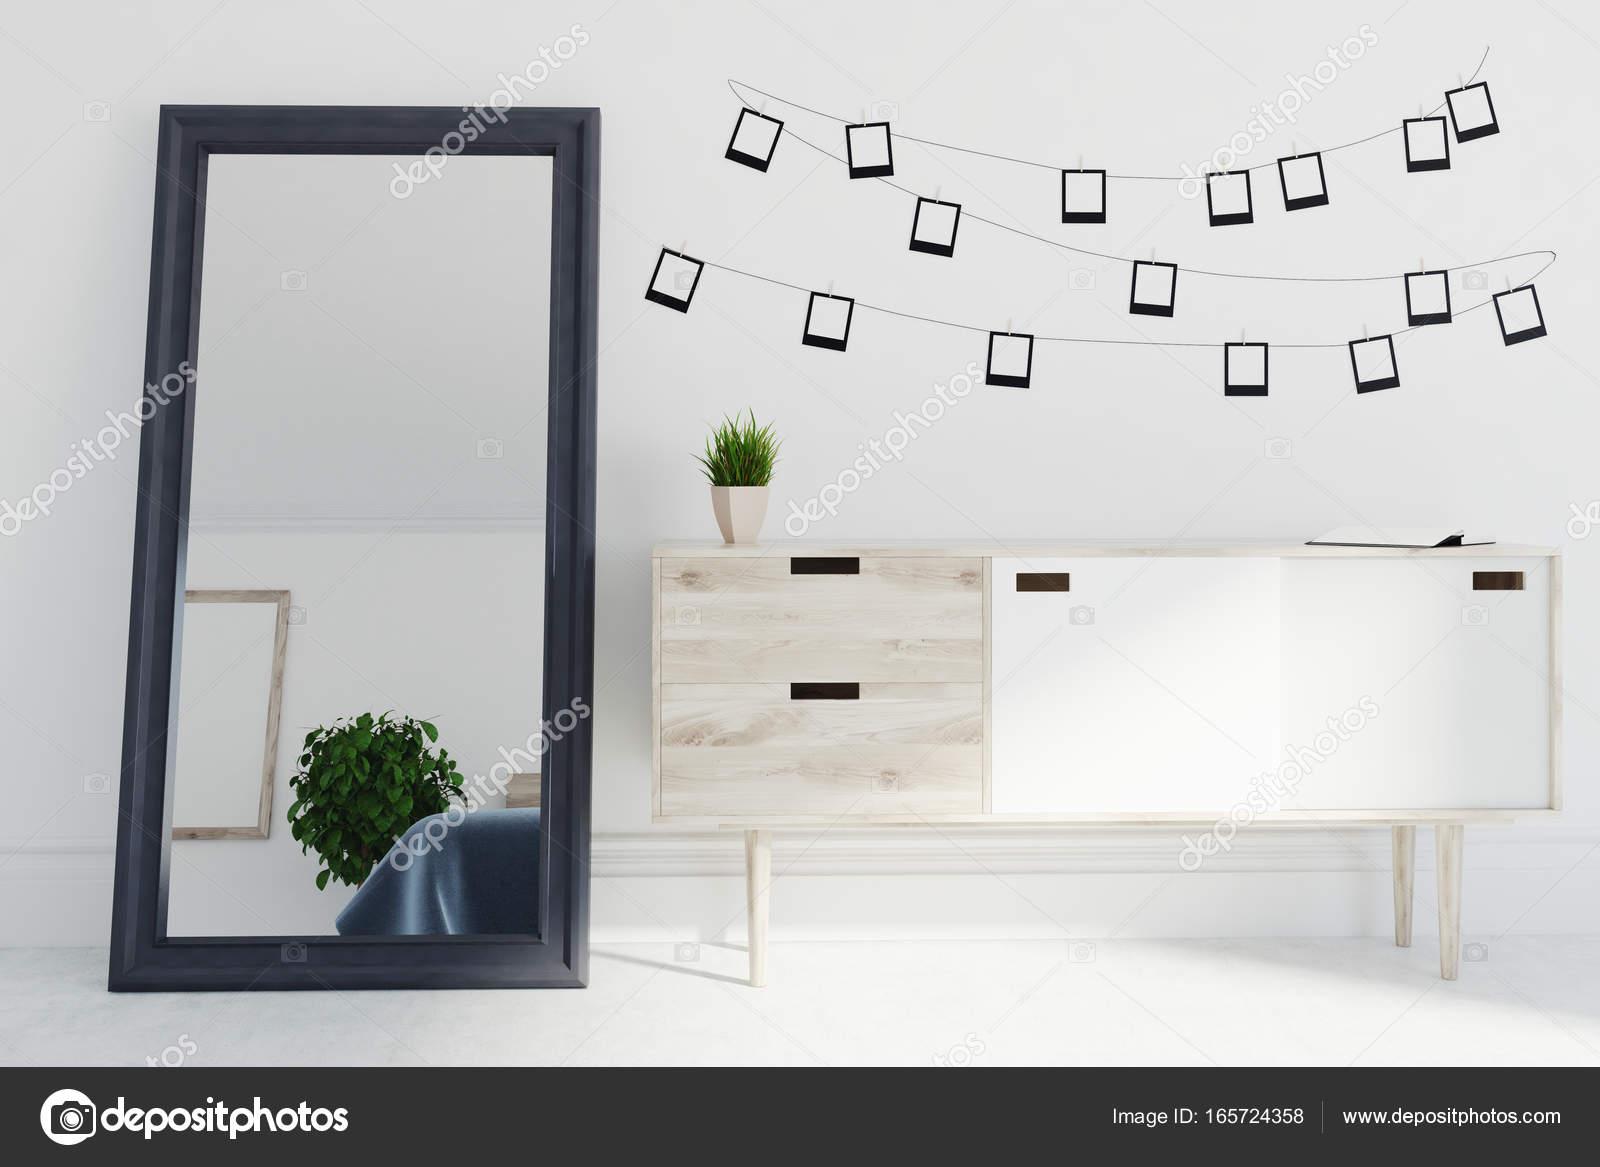 Grau, Wohnzimmer Interieur, Spiegel, Fotos, Schrank U2014 Stockfoto